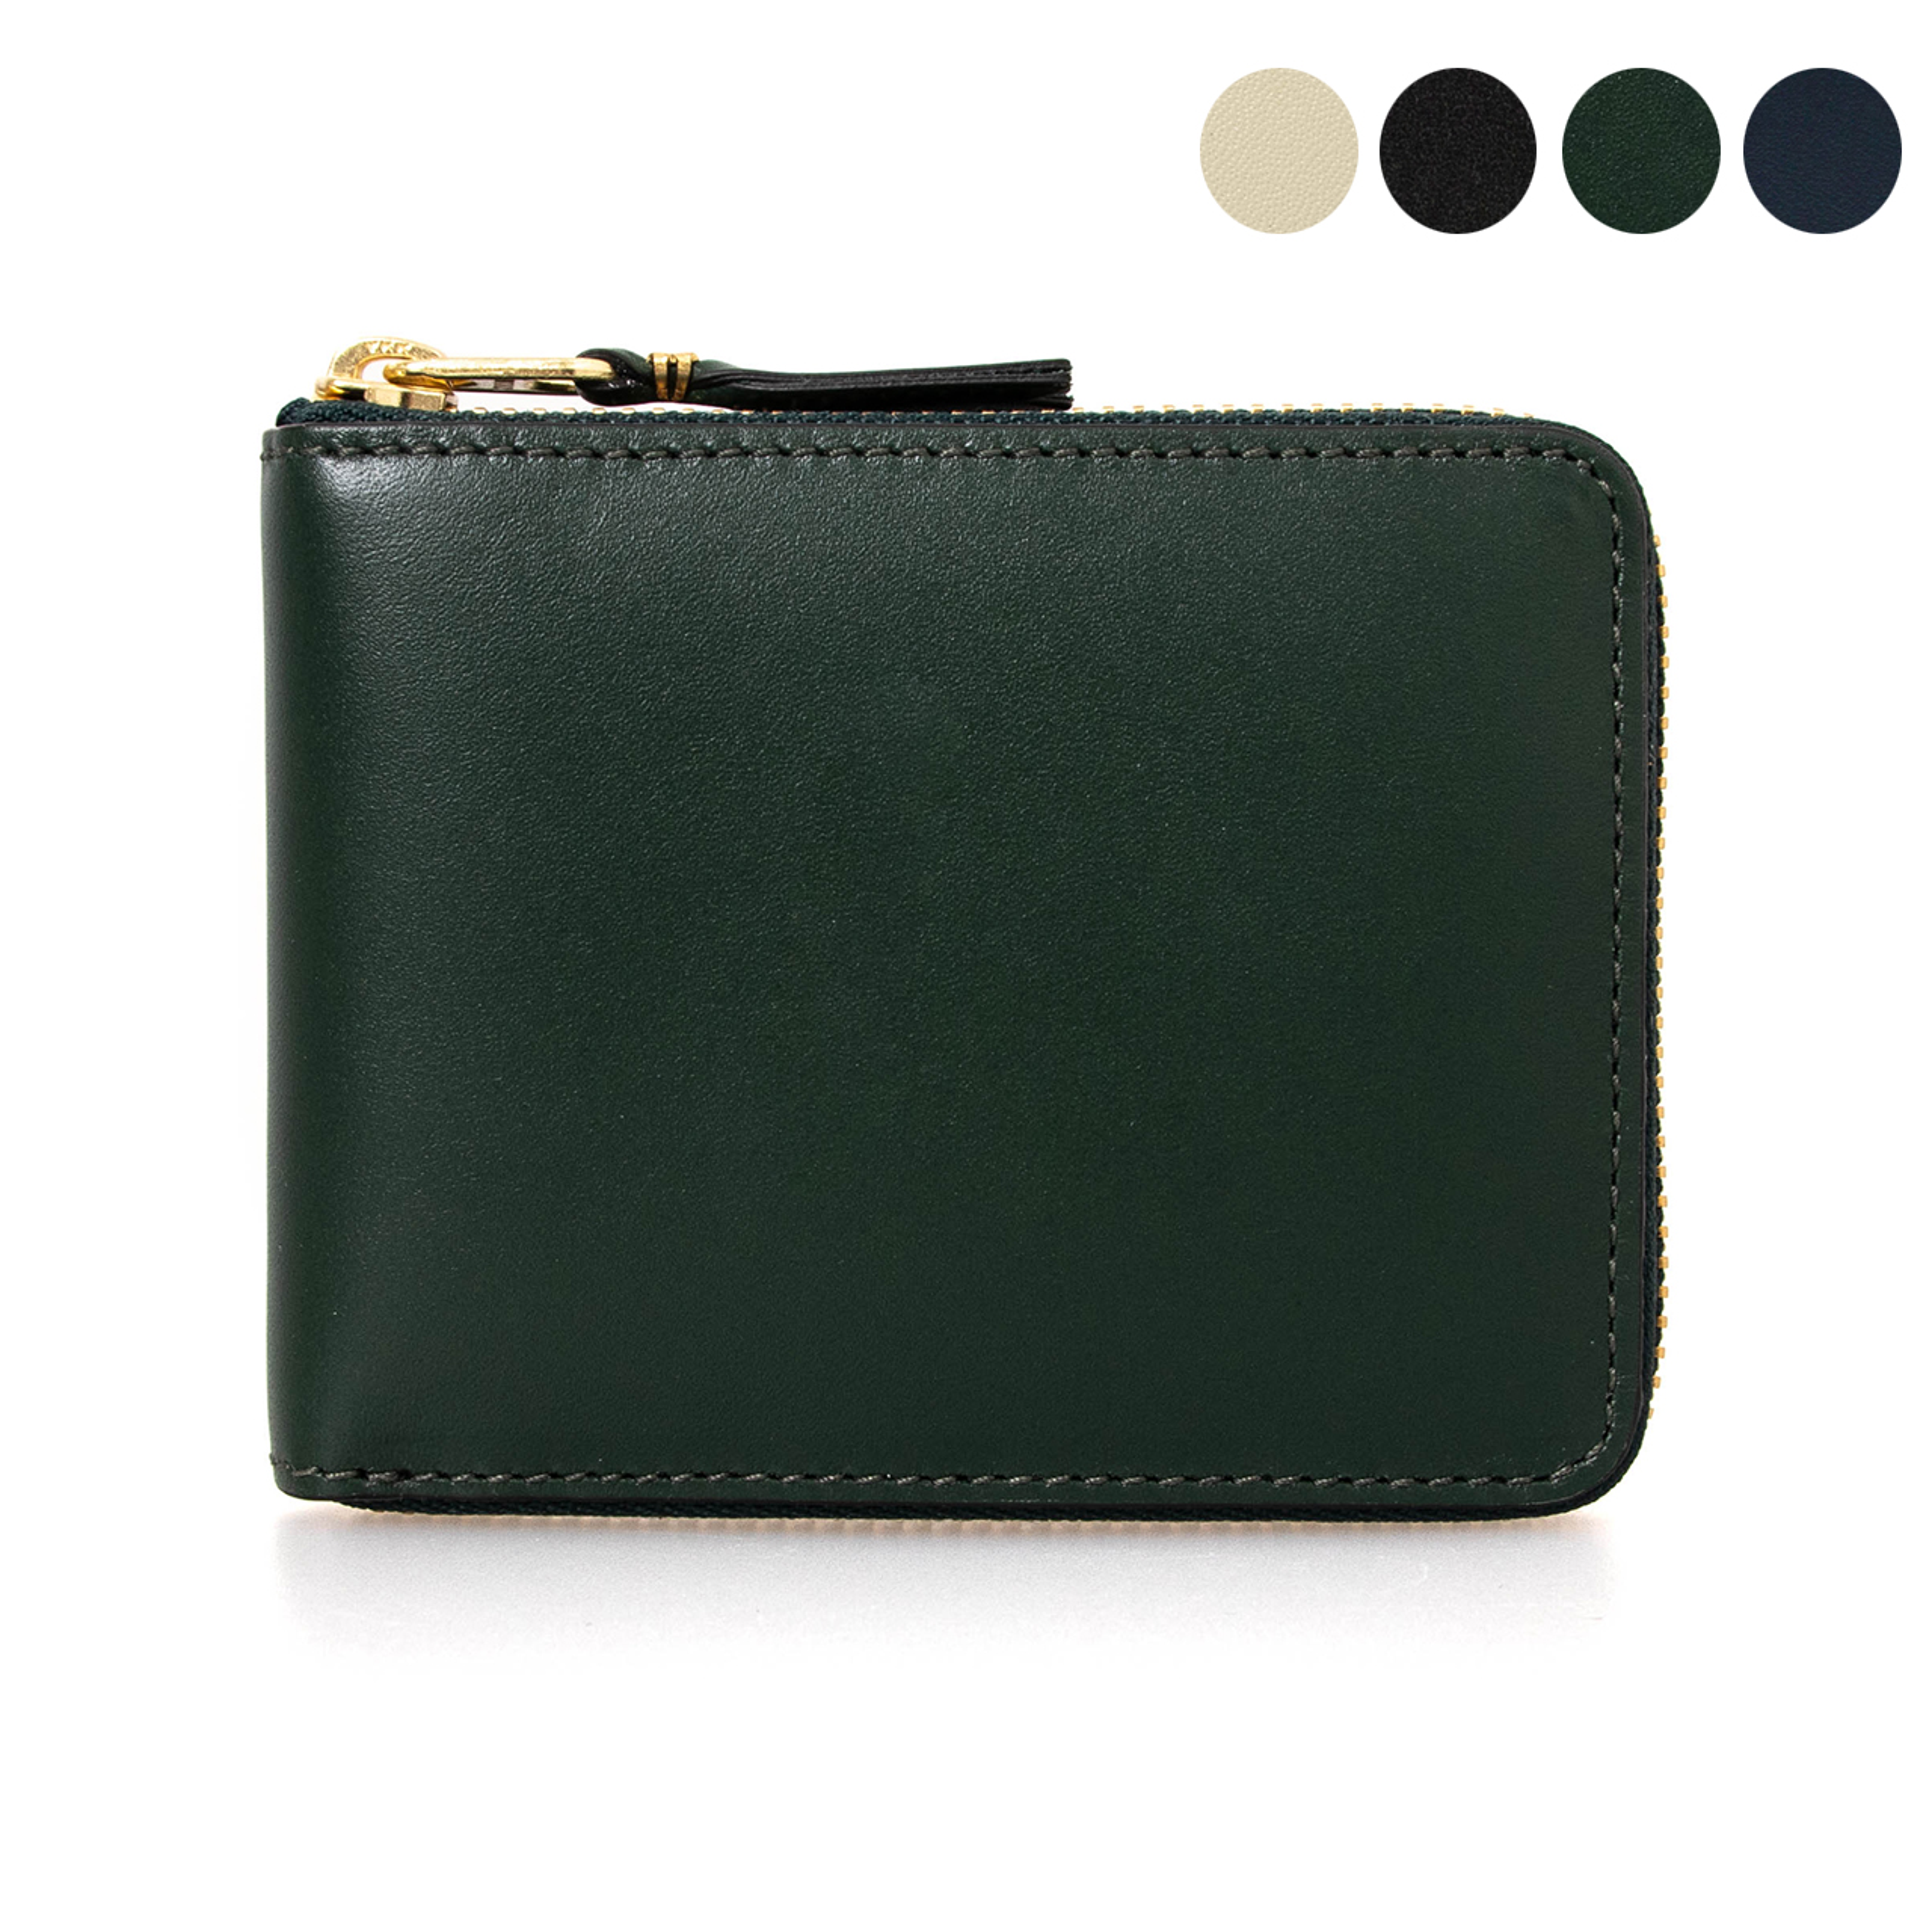 コムデギャルソン COMME DES GARCONS 財布 ラウンドファスナー二つ折り財布 ミニ財布 CLASSIC LINE [クラシック] SA7100 [全3色]【母の日】